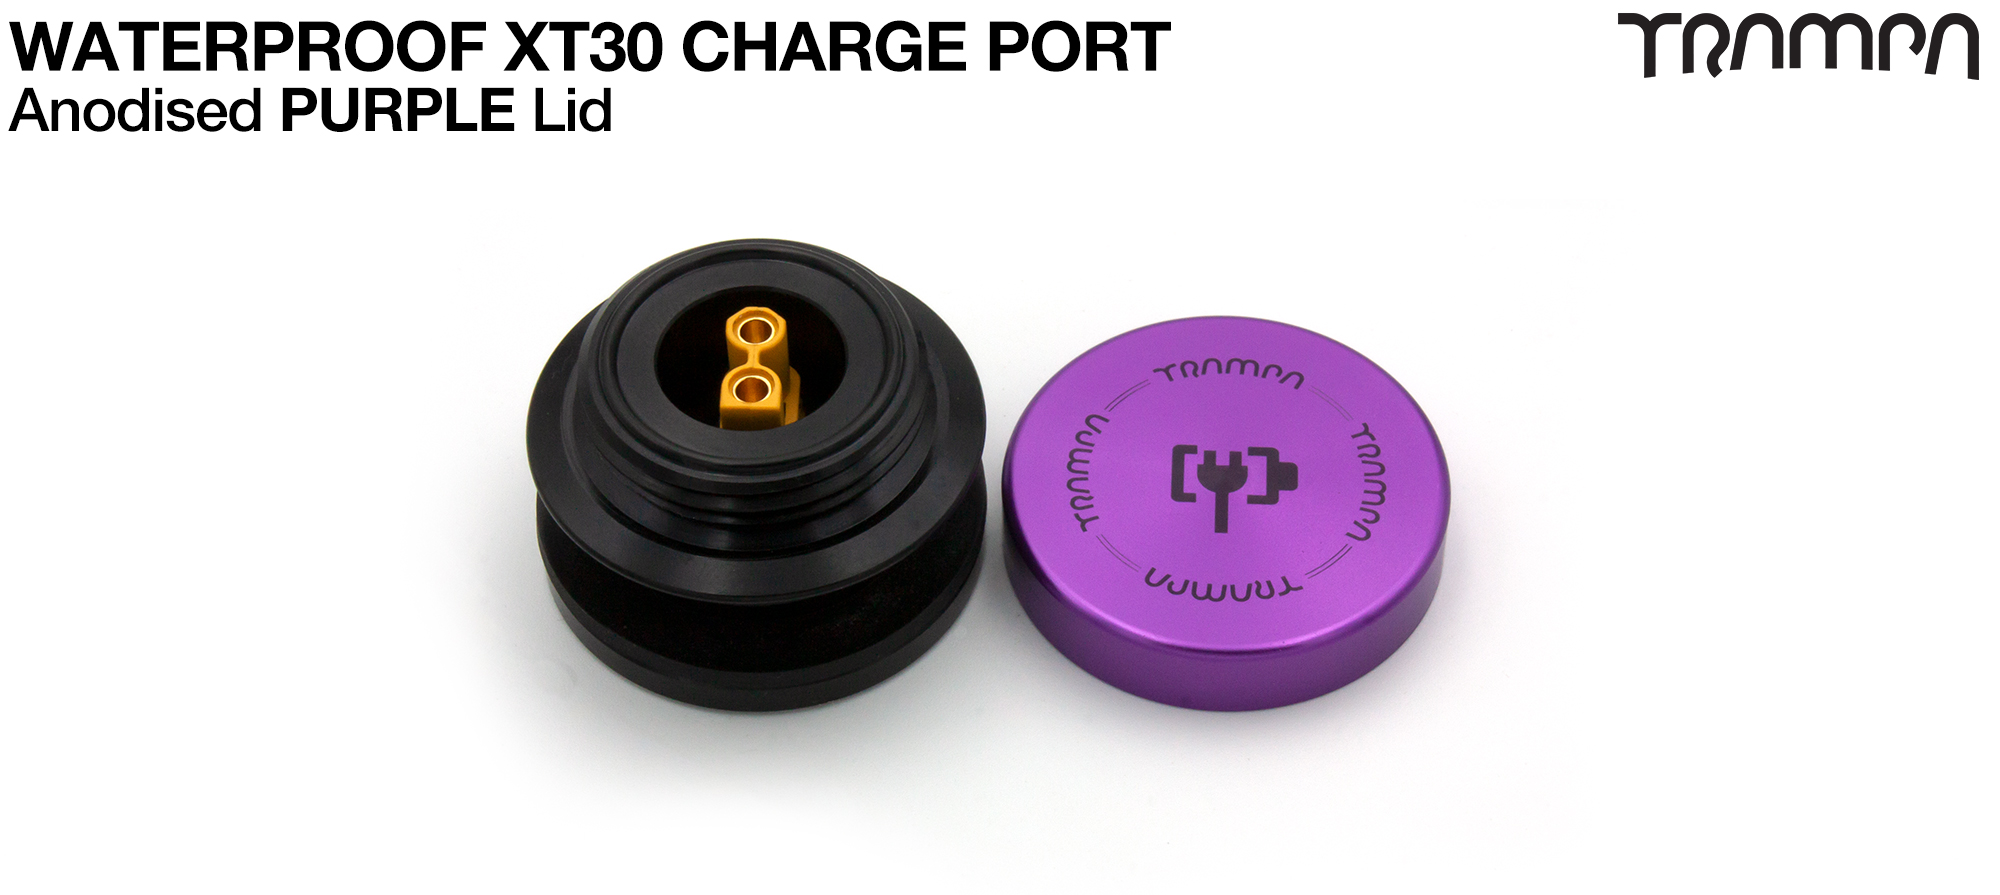 ORRSOM GT XT30 WATERPROOF Charge Port - PURPLE